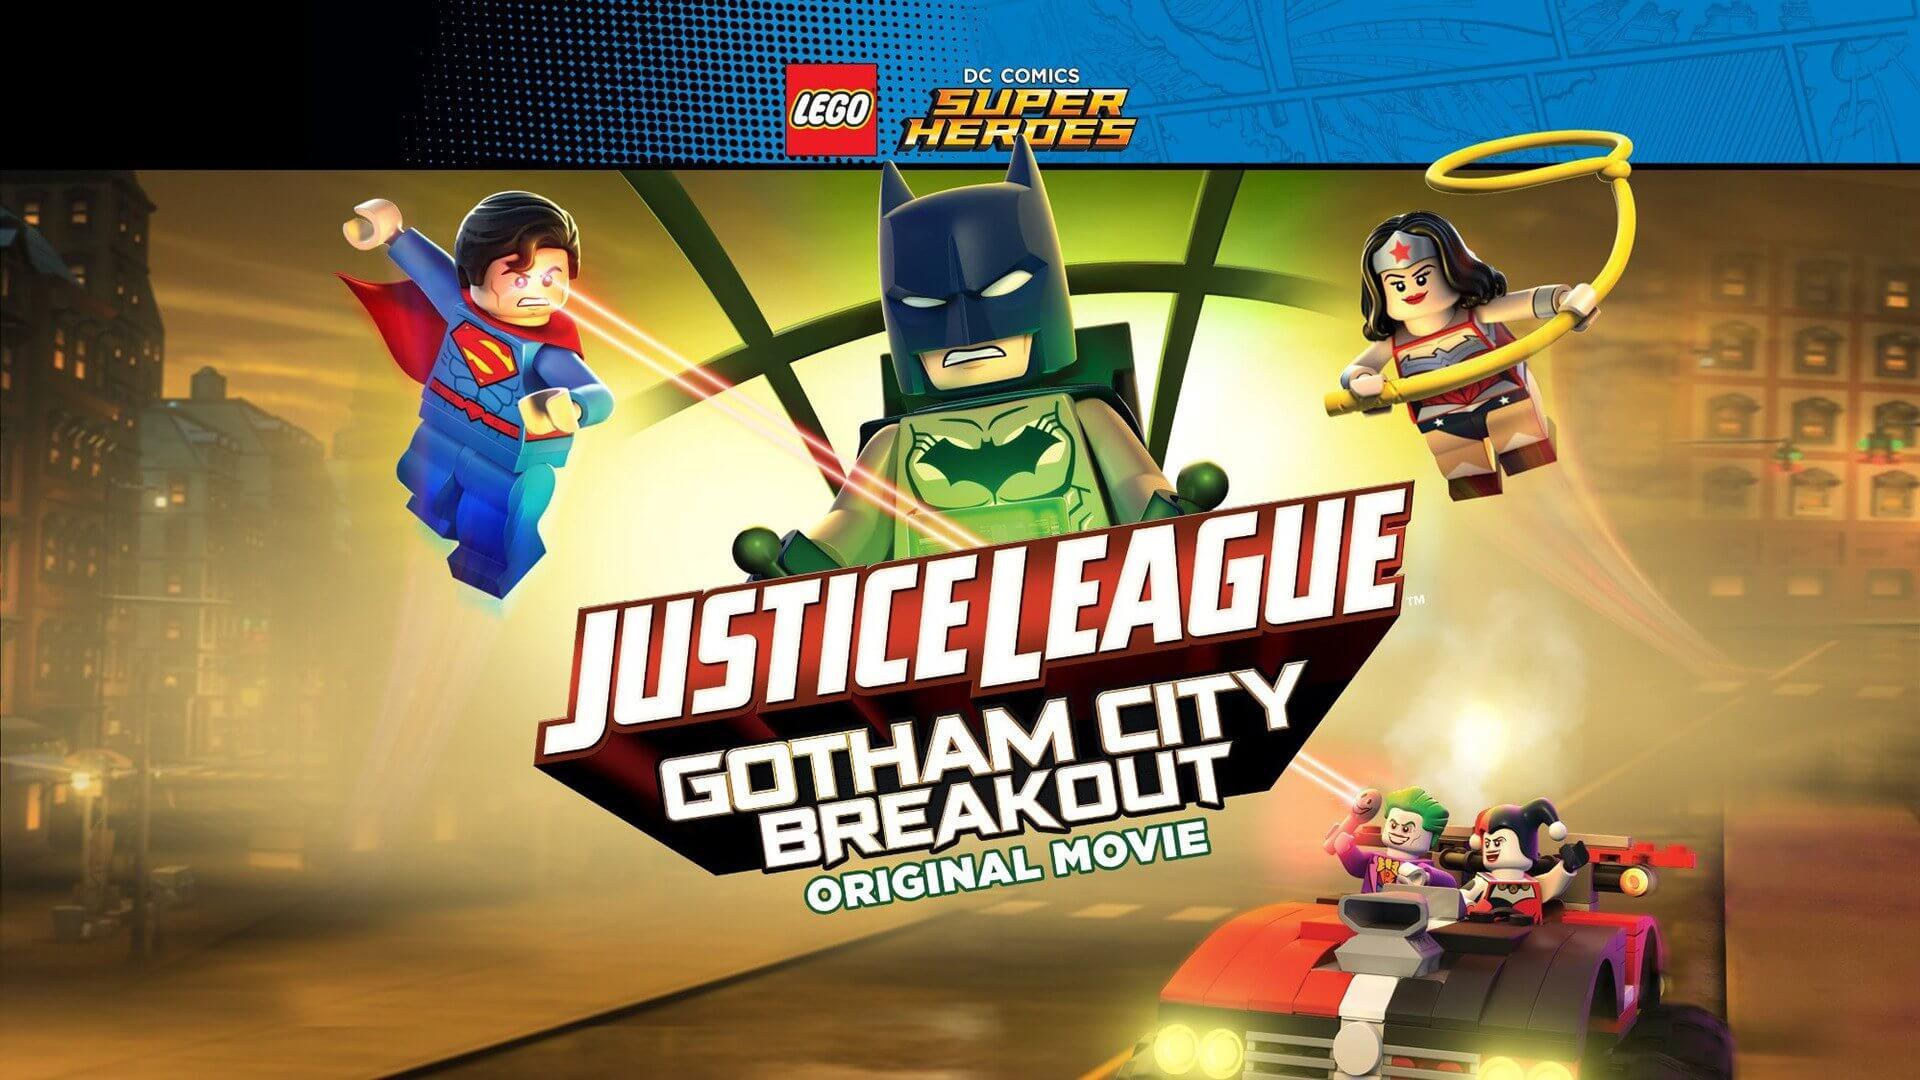 Lego DC Comics Superheroes- Justice League - Gotham City Breakout movie download